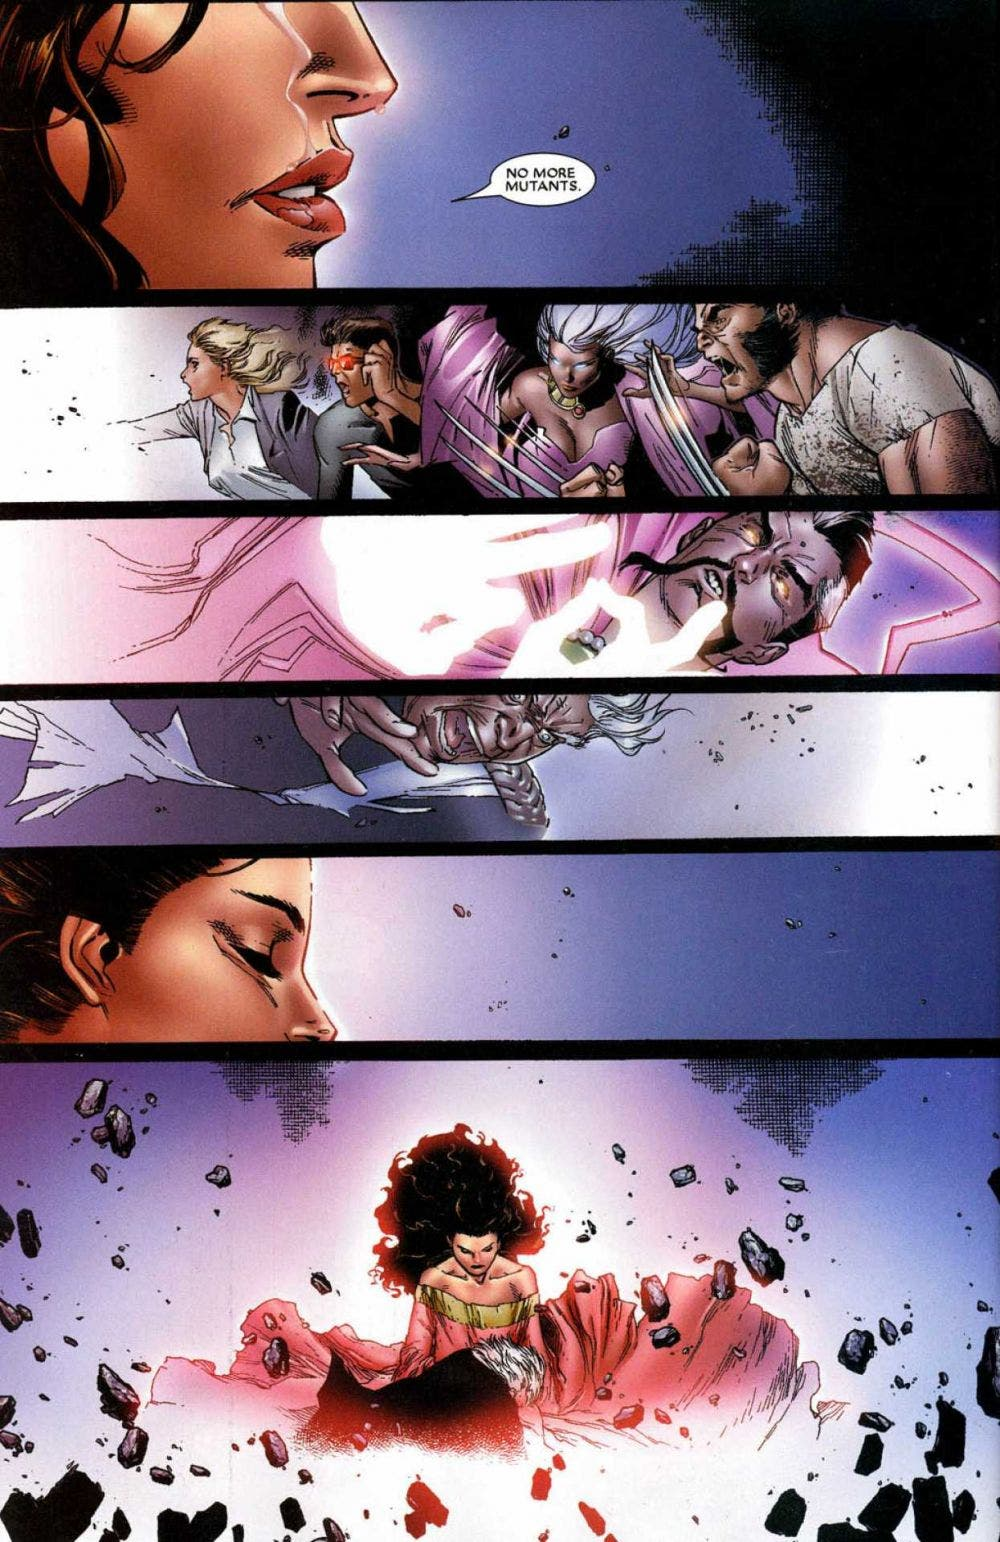 Marvel recuerda a fans de X-MEN que Bruja Escarlata es una amenaza